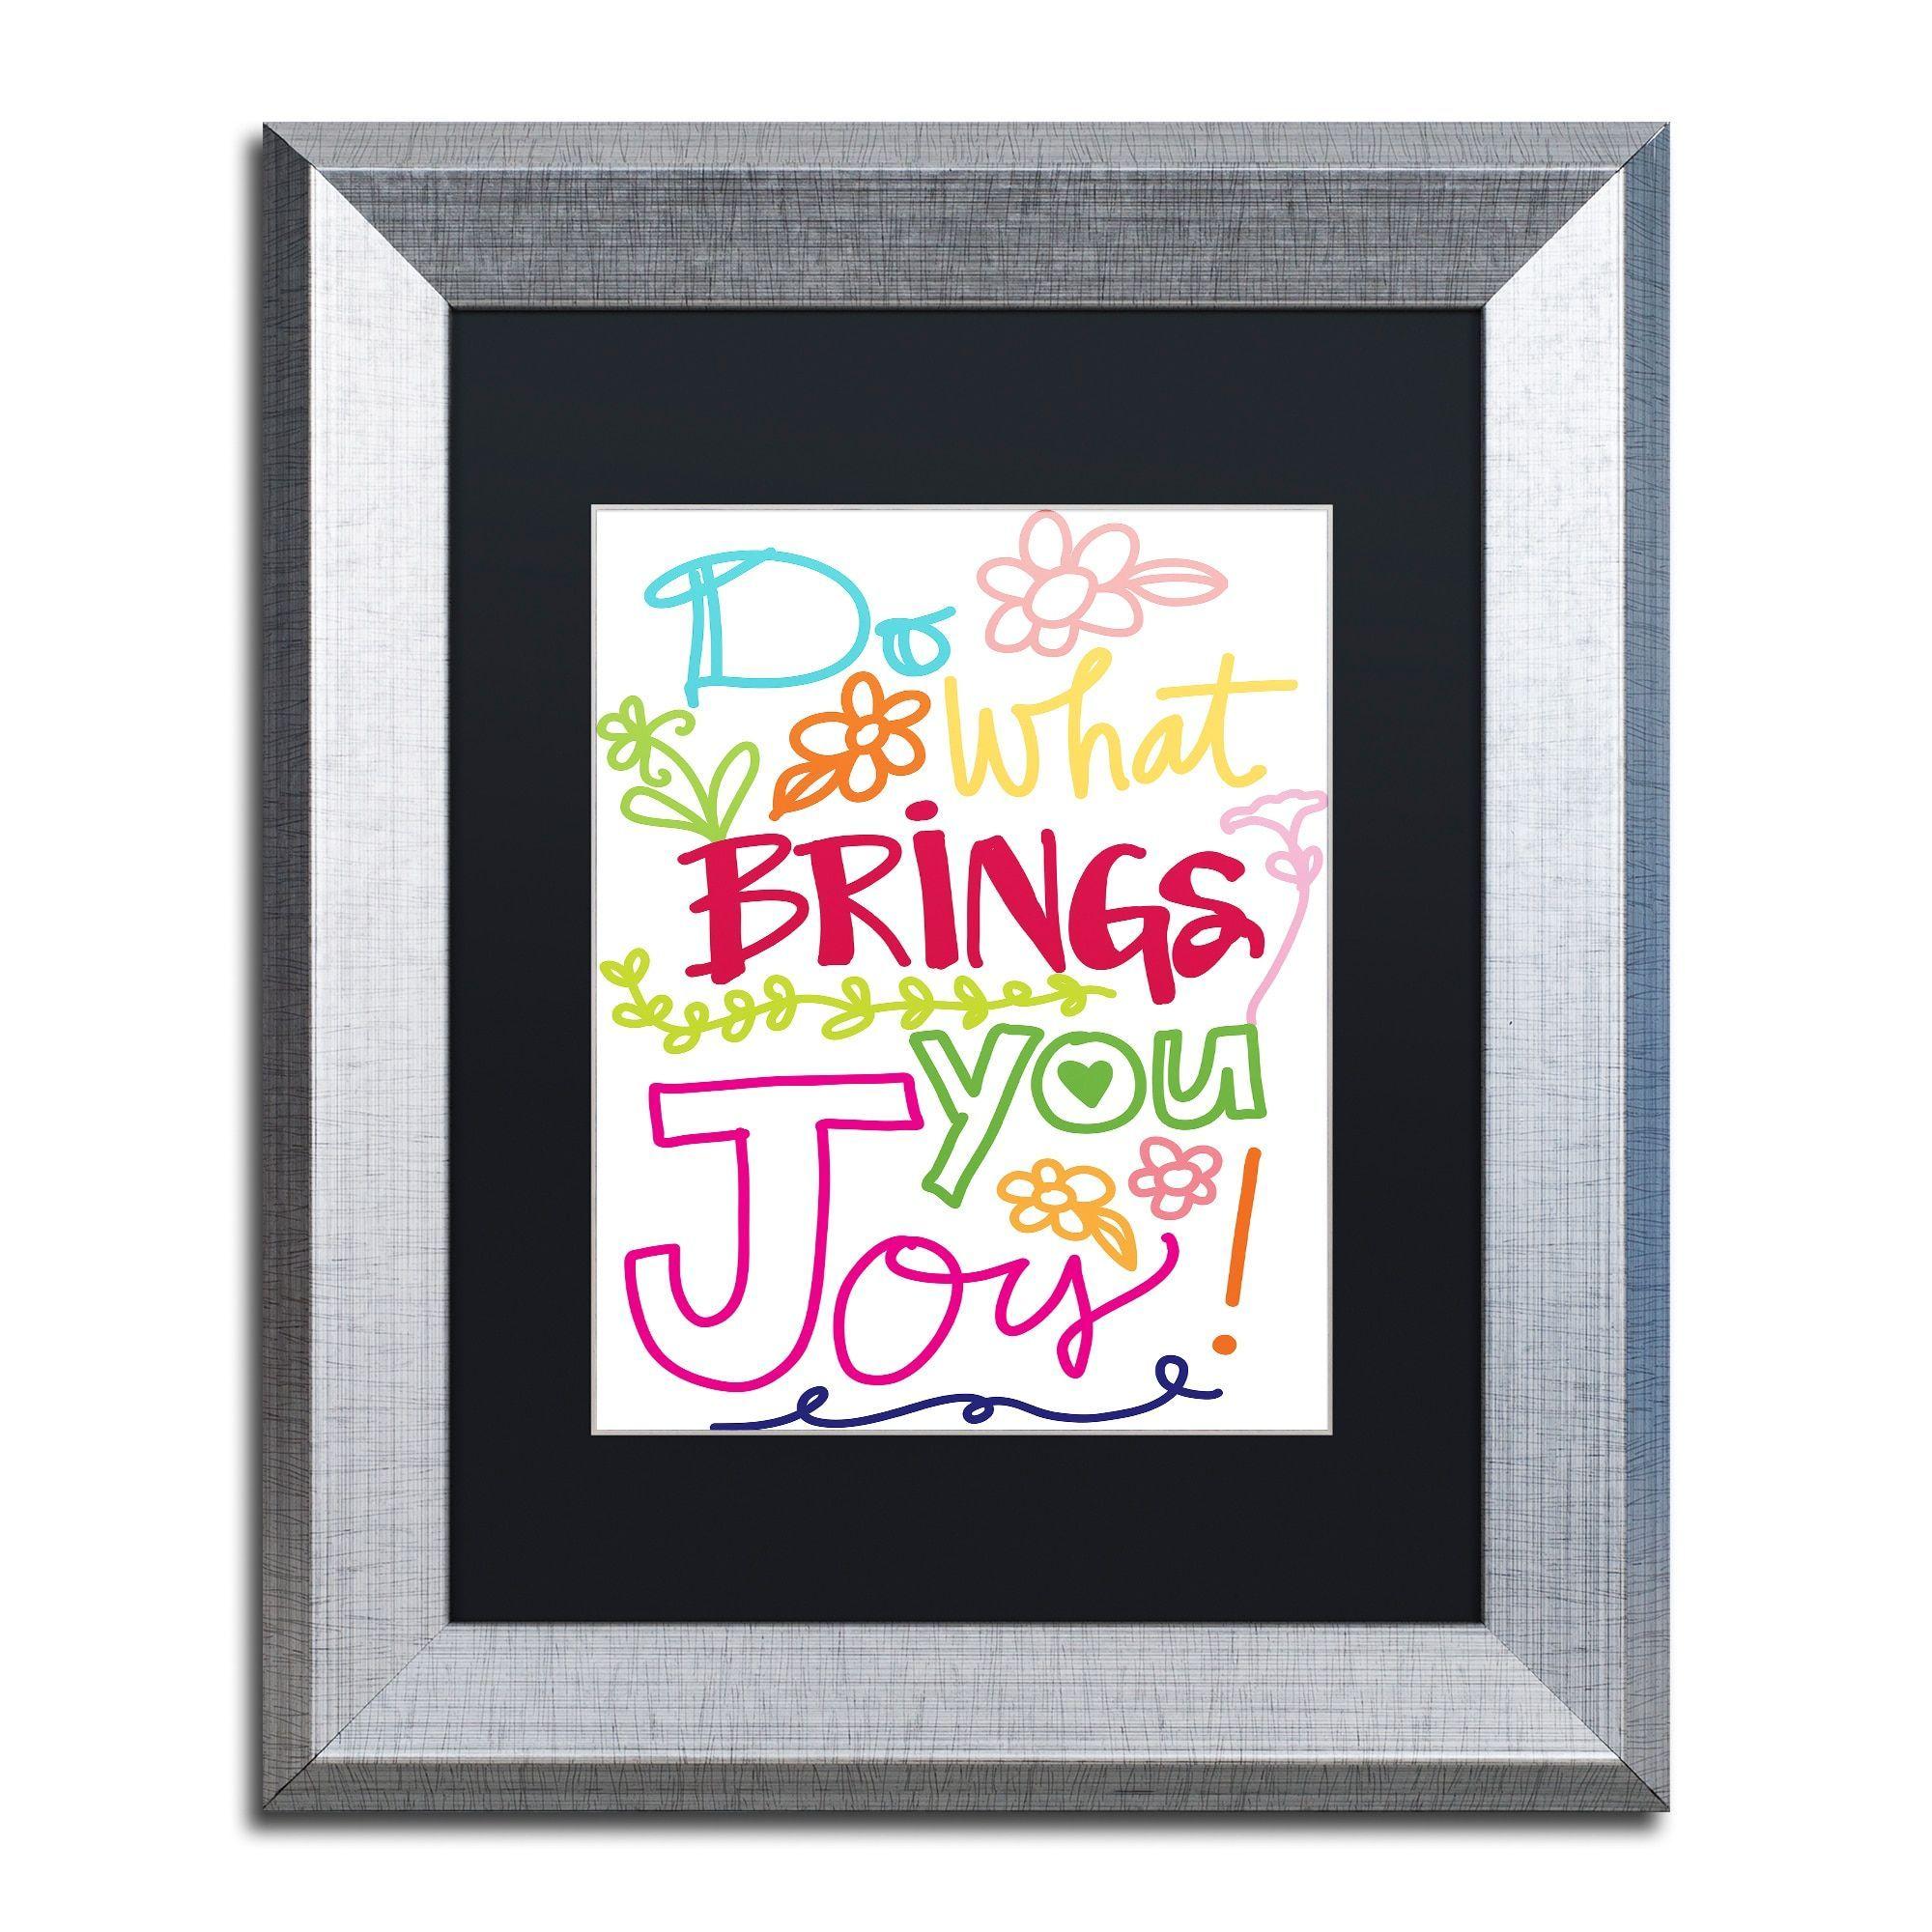 Elizabeth Caldwell 'Find Joy' Matted Framed Art